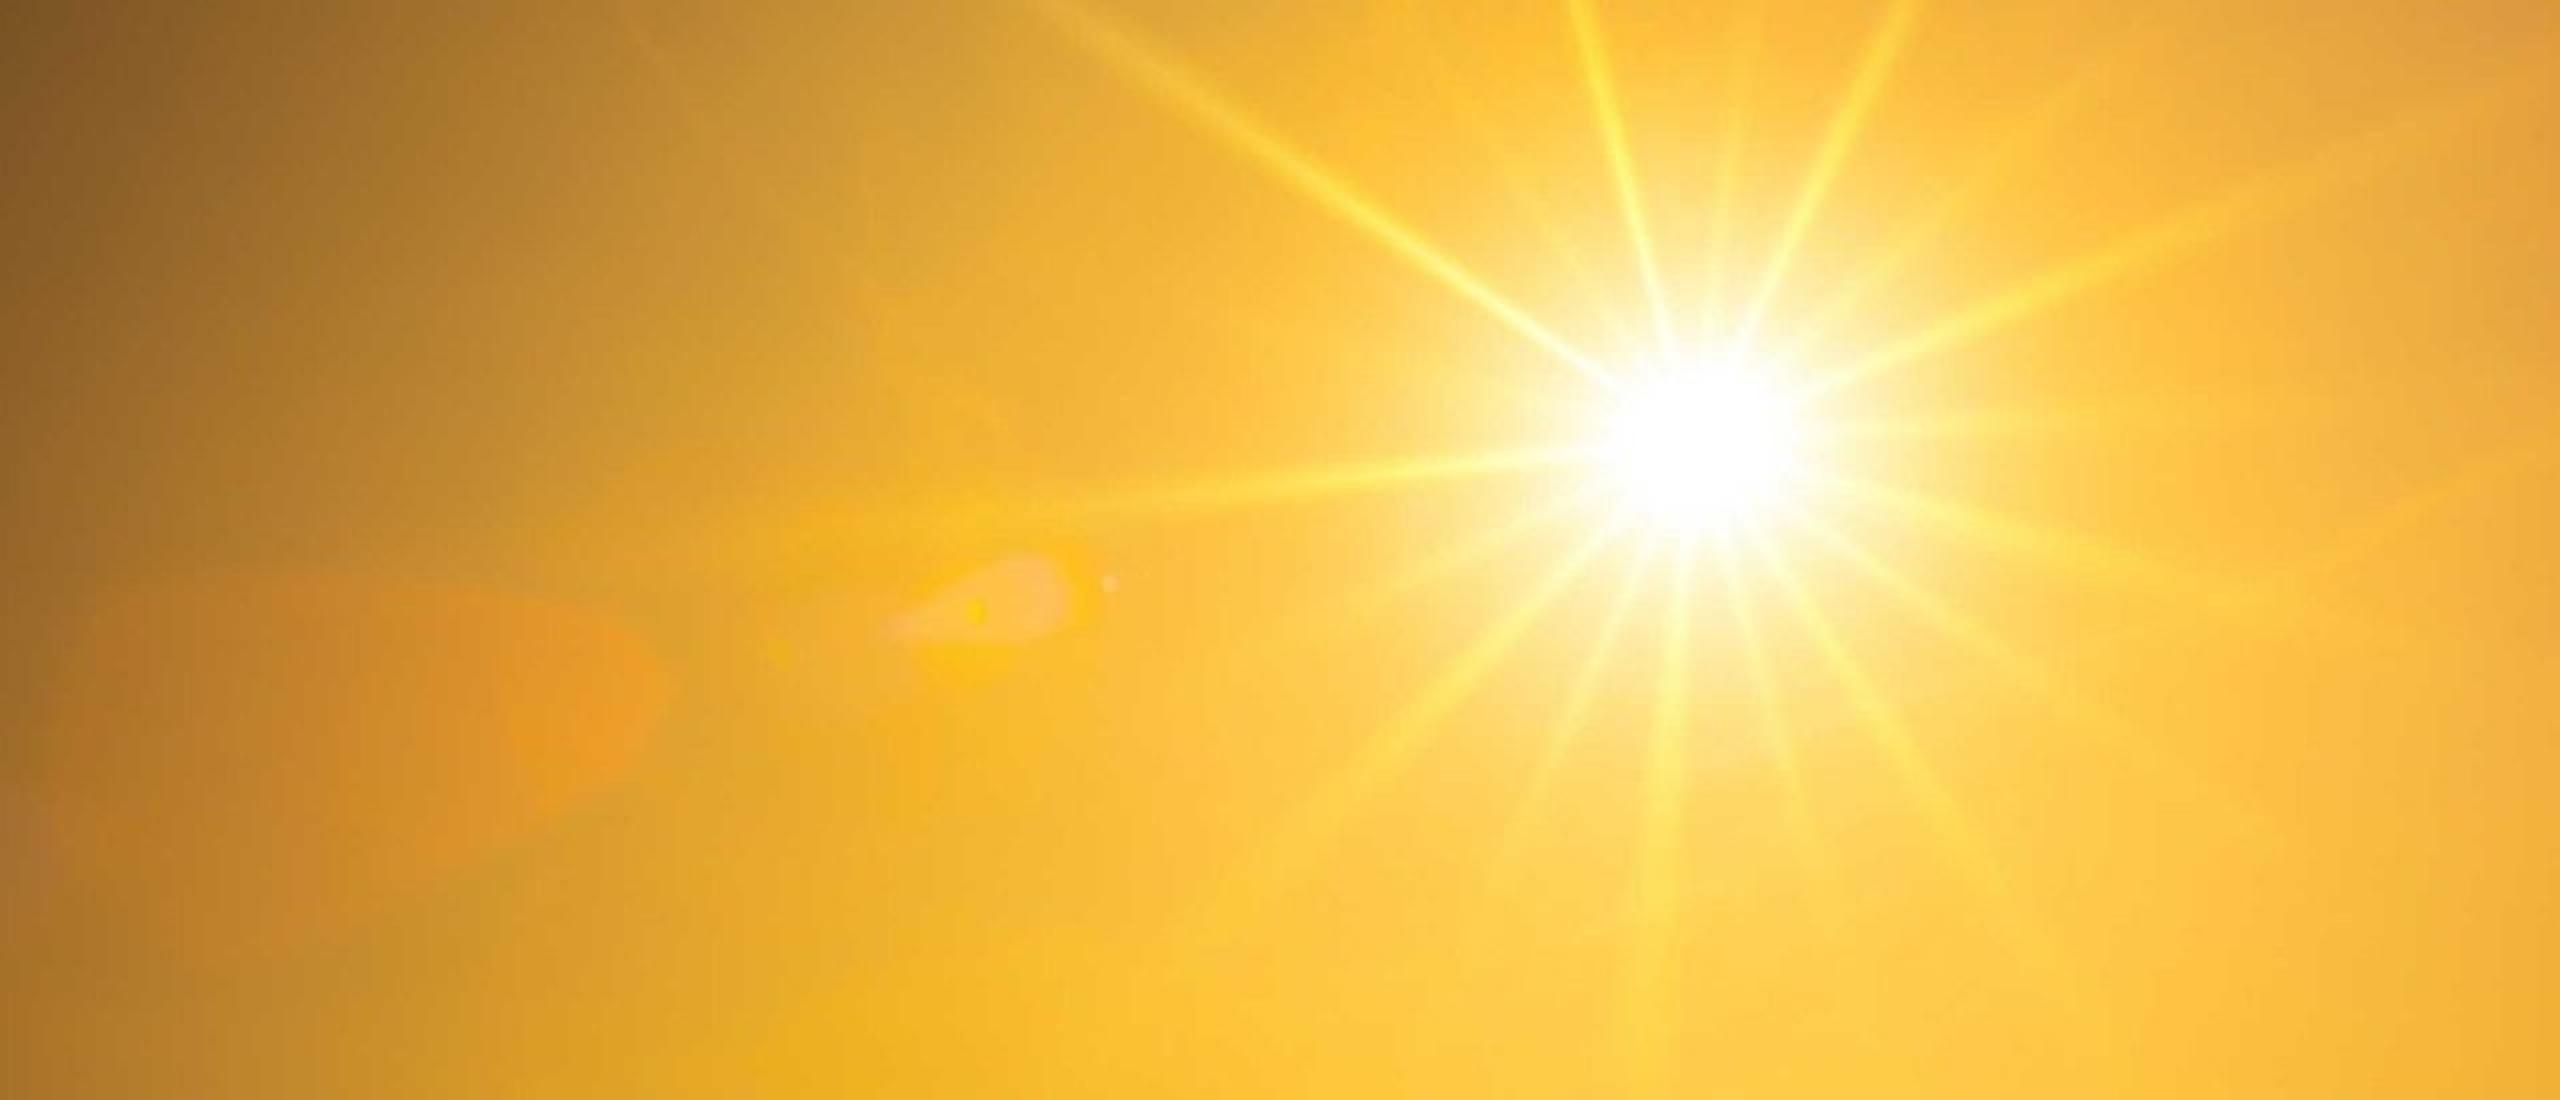 Ik wil ook zonnepanelen